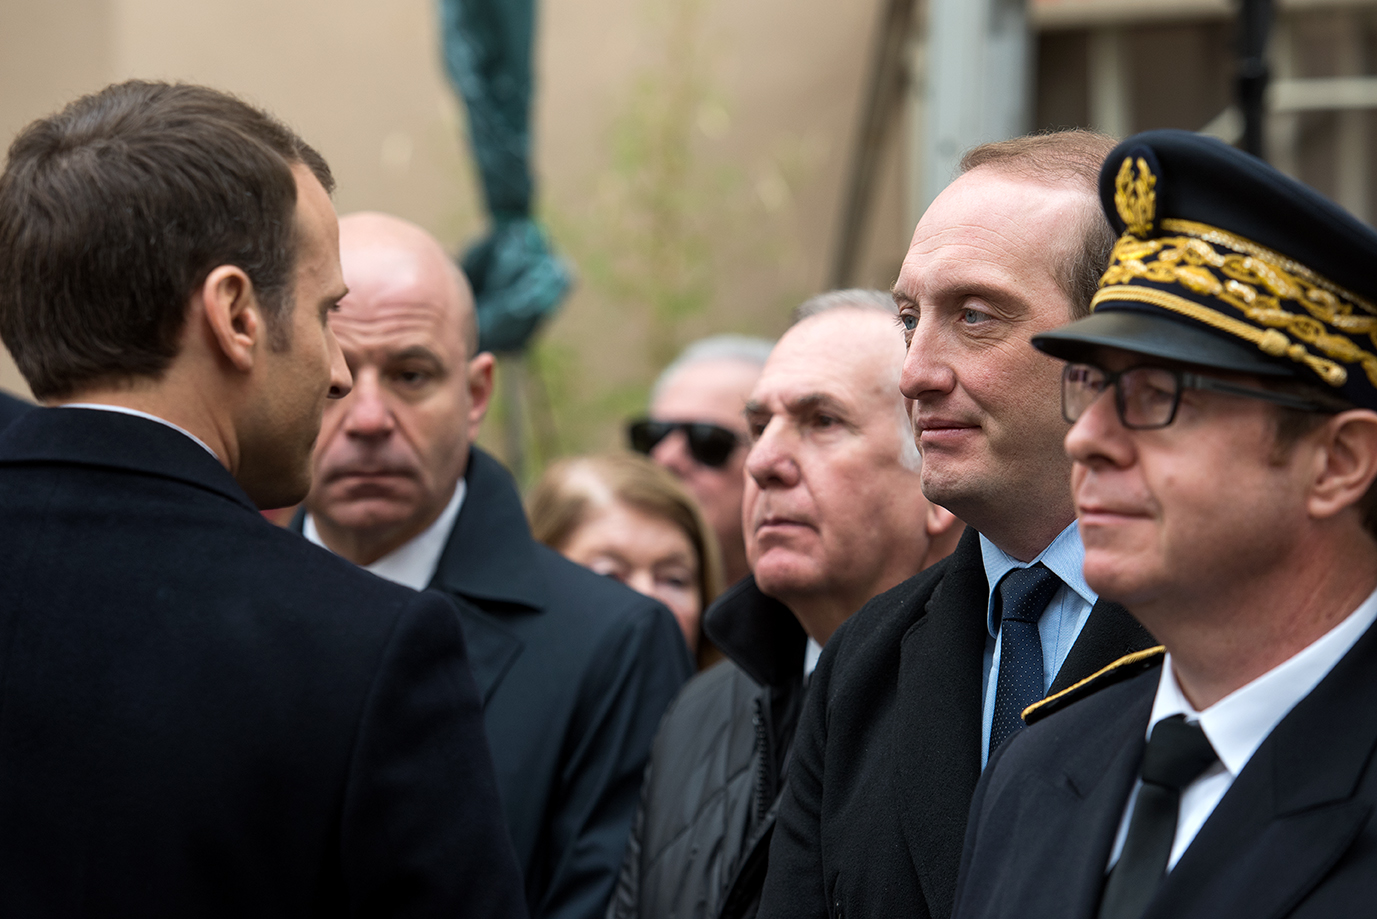 Cérémonie d'hommage au préfet Erignac (Photos Ville d'Ajaccio)..